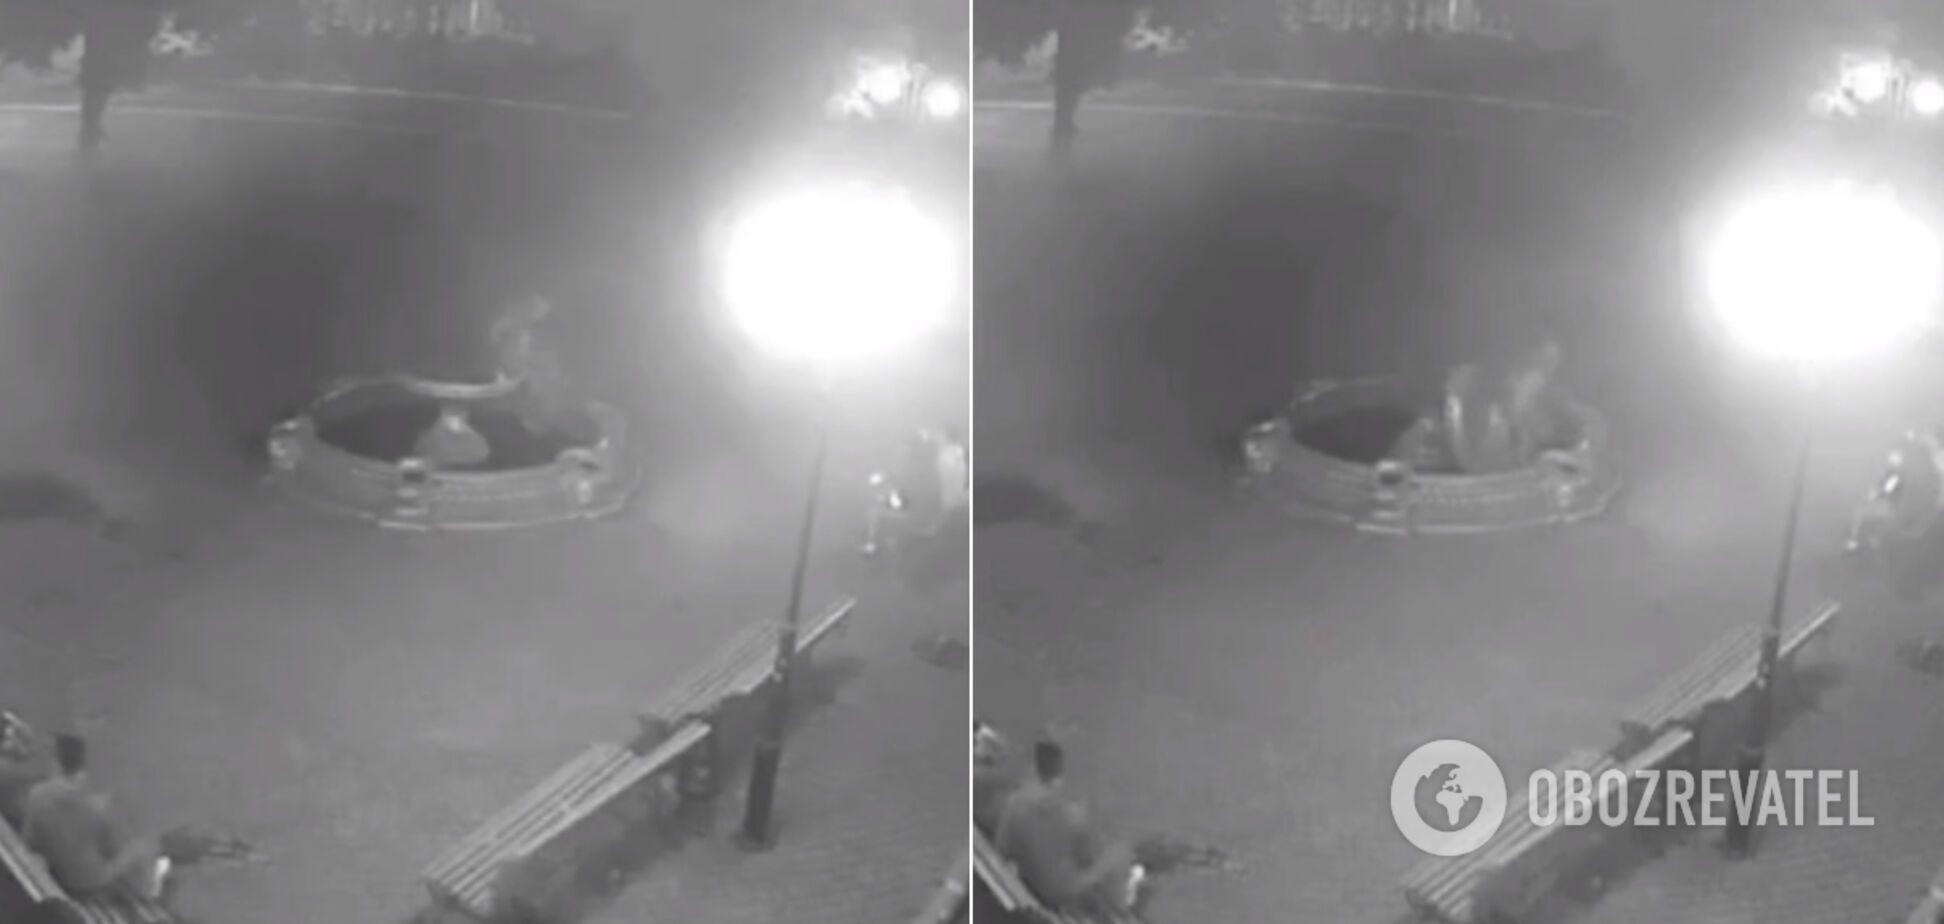 В Боярке вандалы 'добили' фонтан, месяц назад сломанный девушкой 'ради фото'